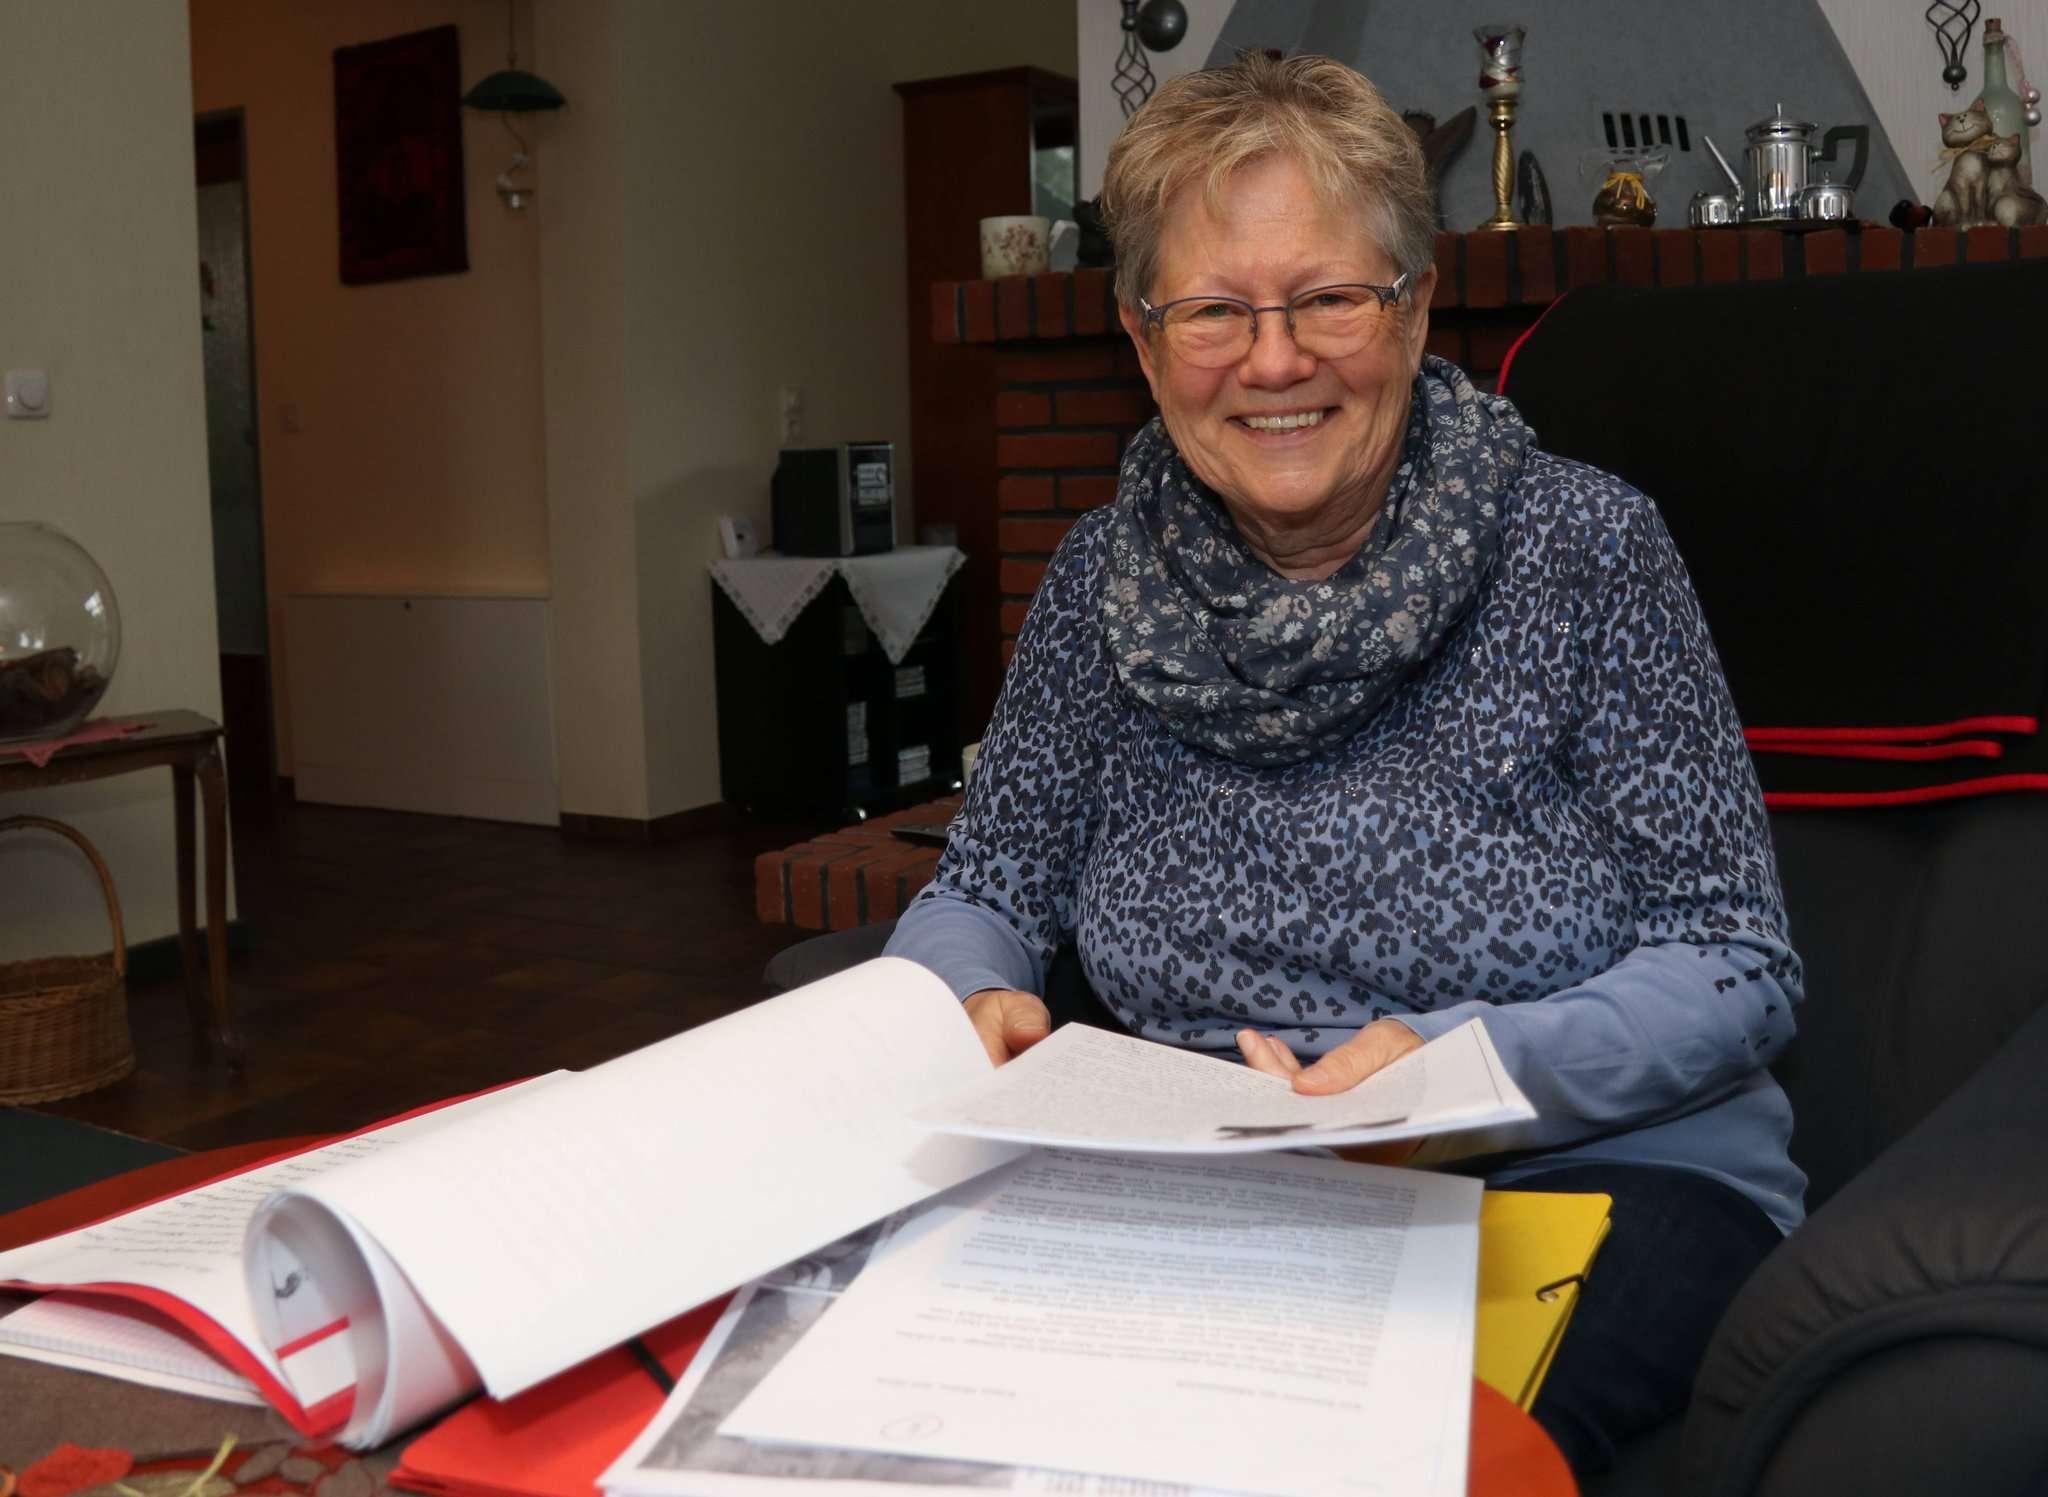 Margret Puppa hat Wittorfer Geschichten und Anekdoten gesammelt, die demnächst als Buch erscheinen. Foto: Nina Baucke